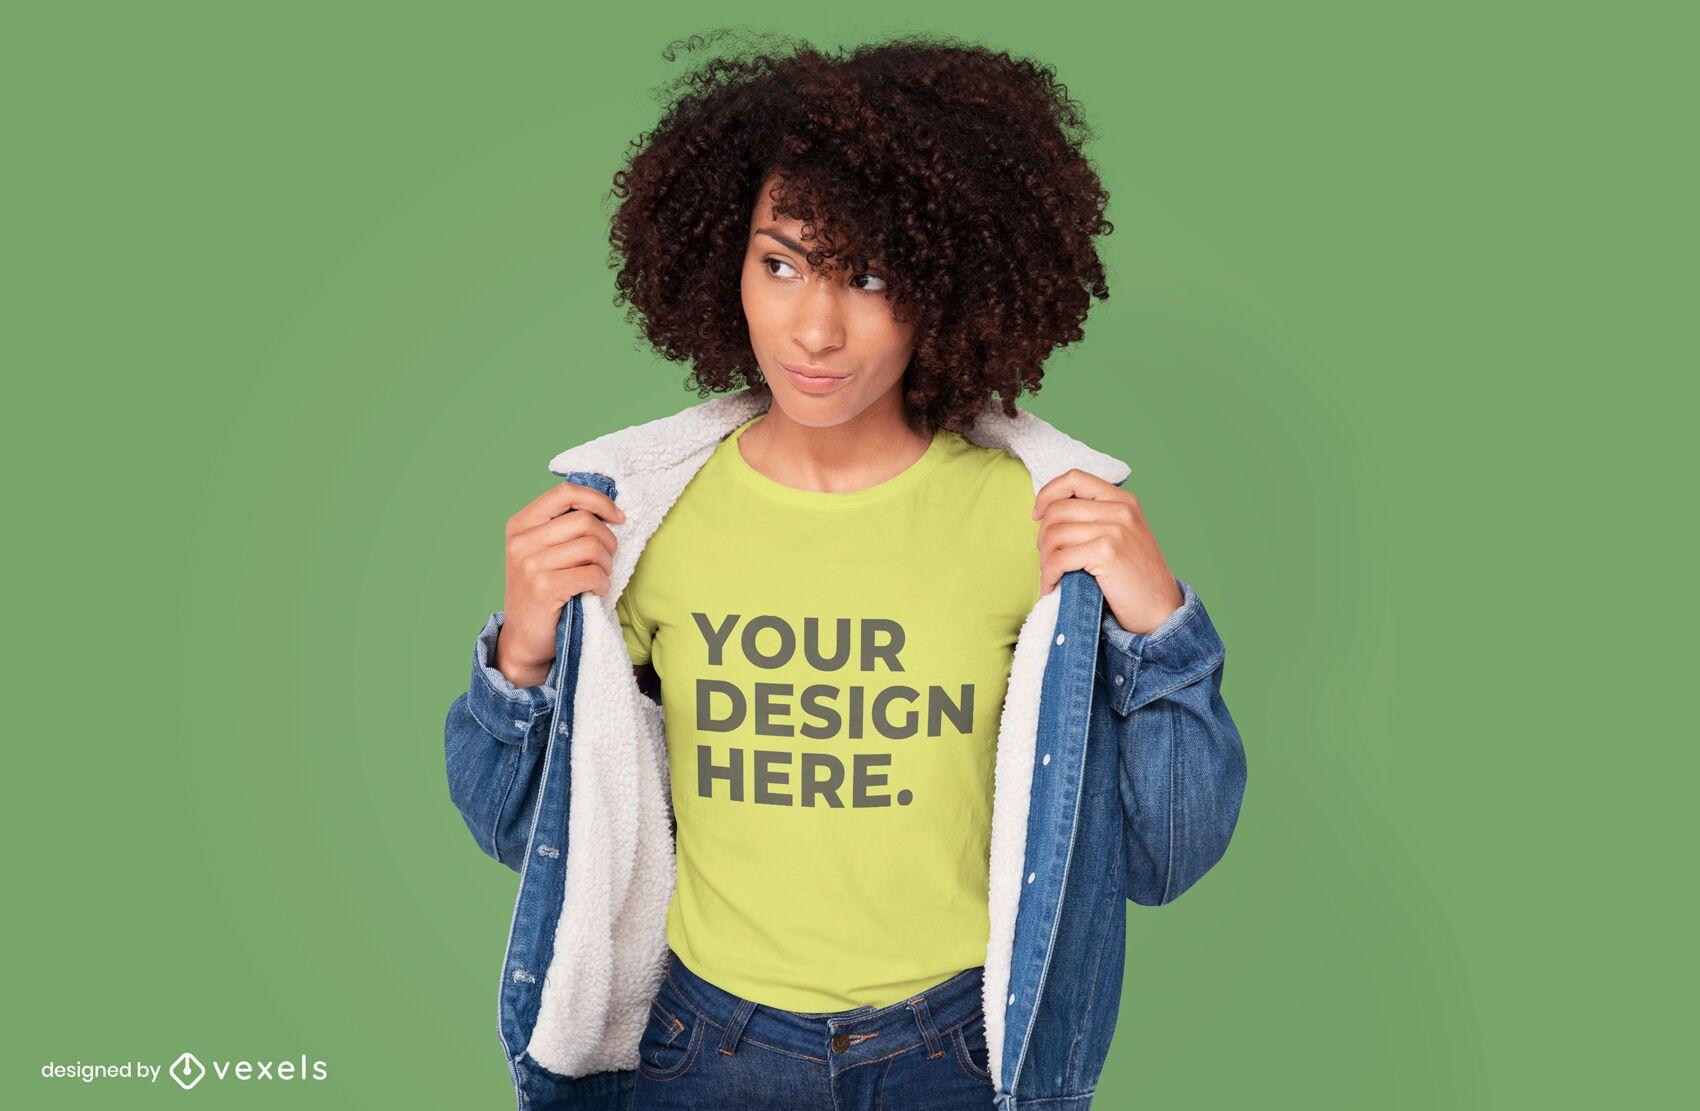 Jean jacket model t-shirt mockup design